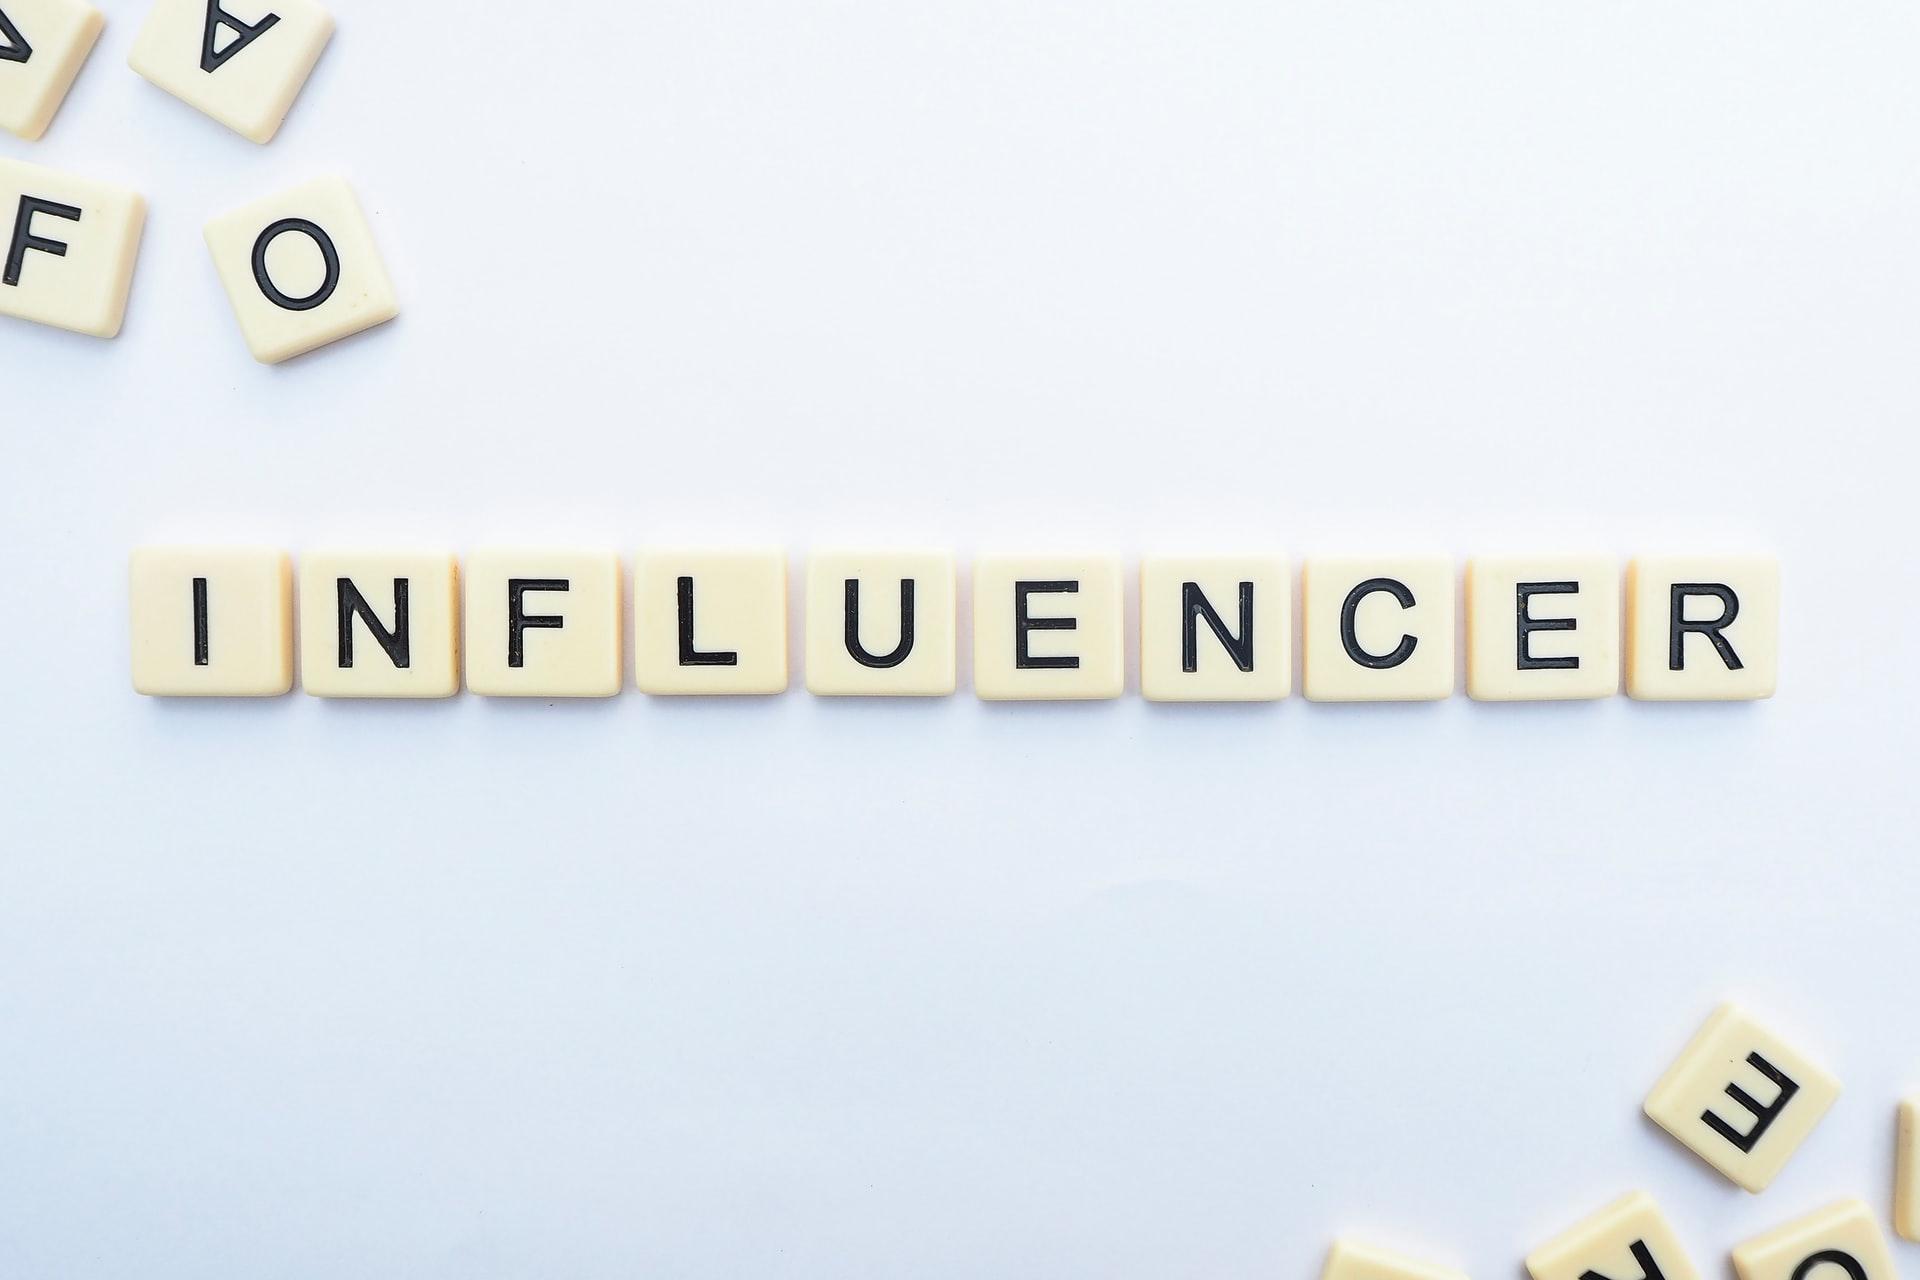 L'influencer marketing che dovresti conoscere.